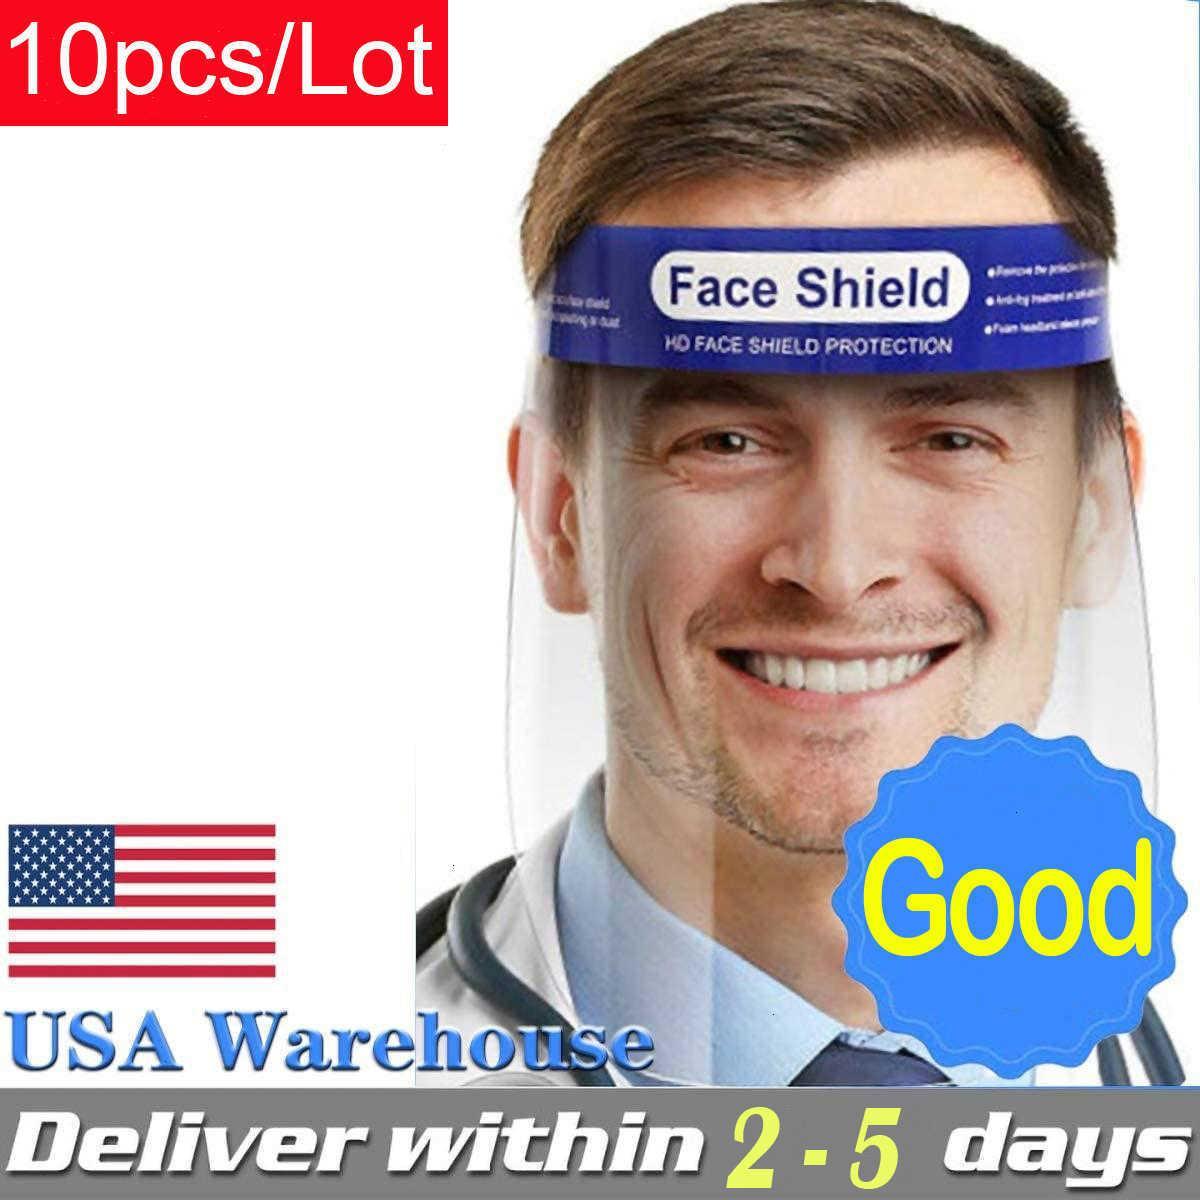 10pcs / lote protectores protectores anti-niebla máscara transparente mascarillas de cara de visera transparente seguridad US Warehouse CT